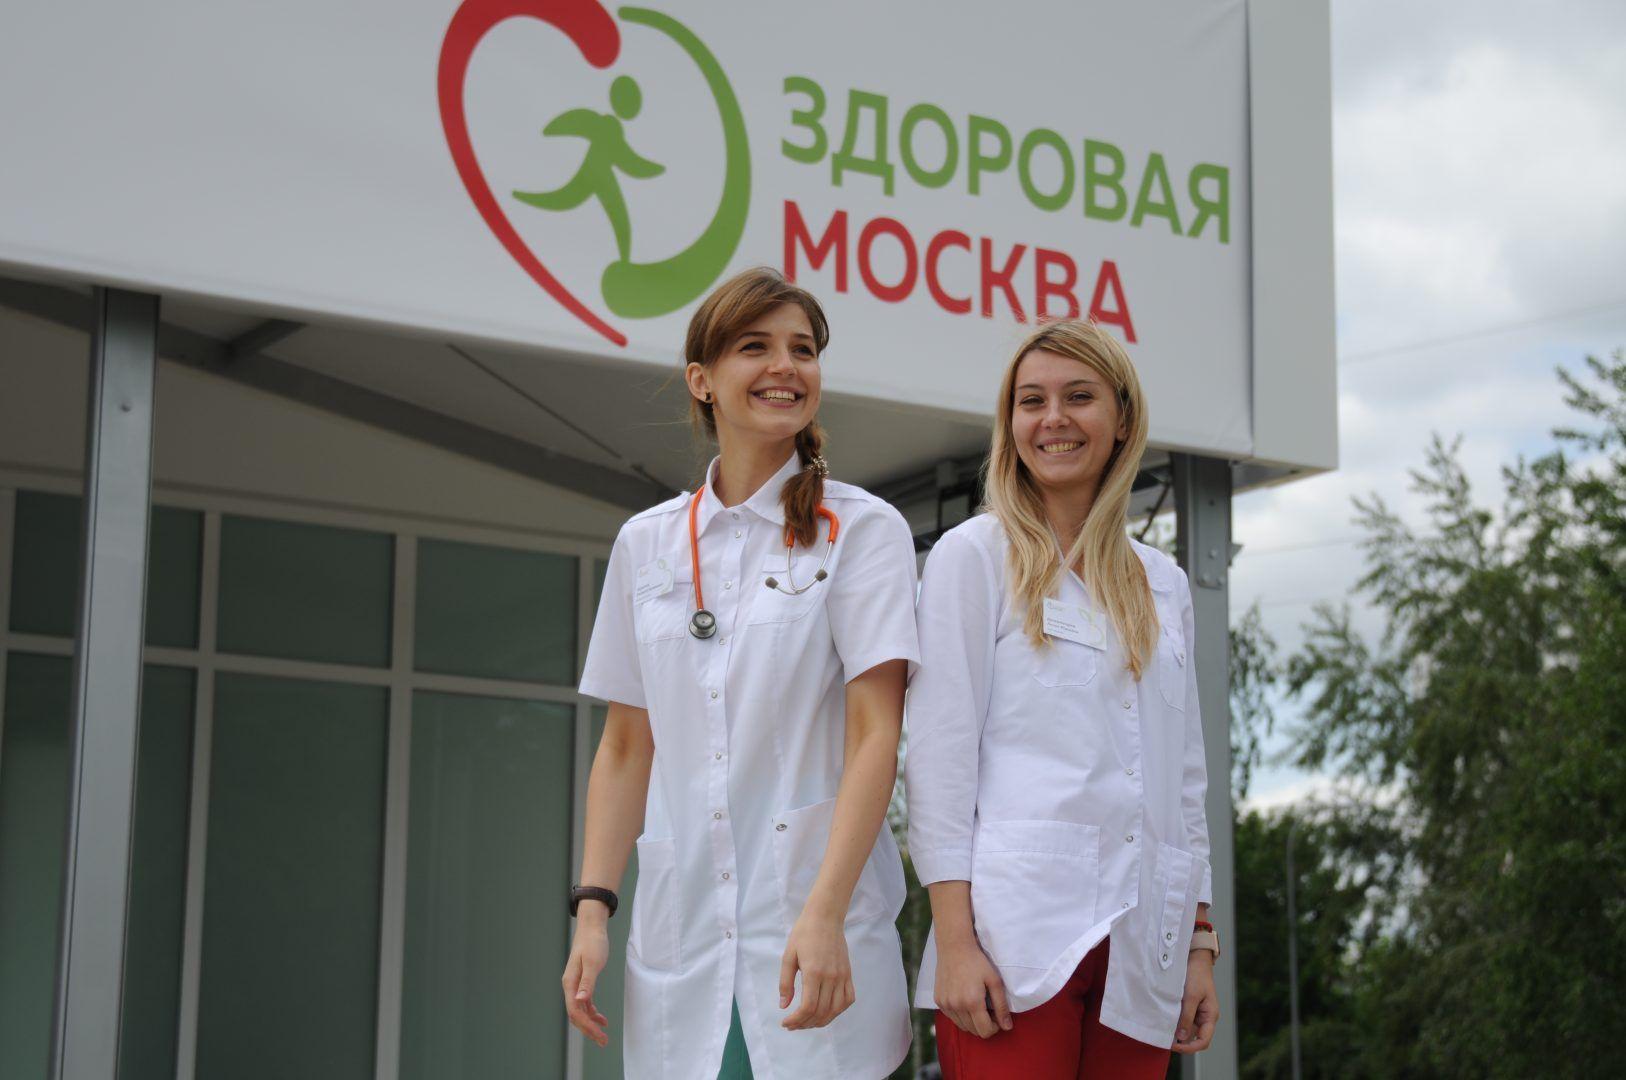 Передвижные флюорографы располагаются рядом с павильонами «Здоровая Москва». Фото: Светлана Колоскова